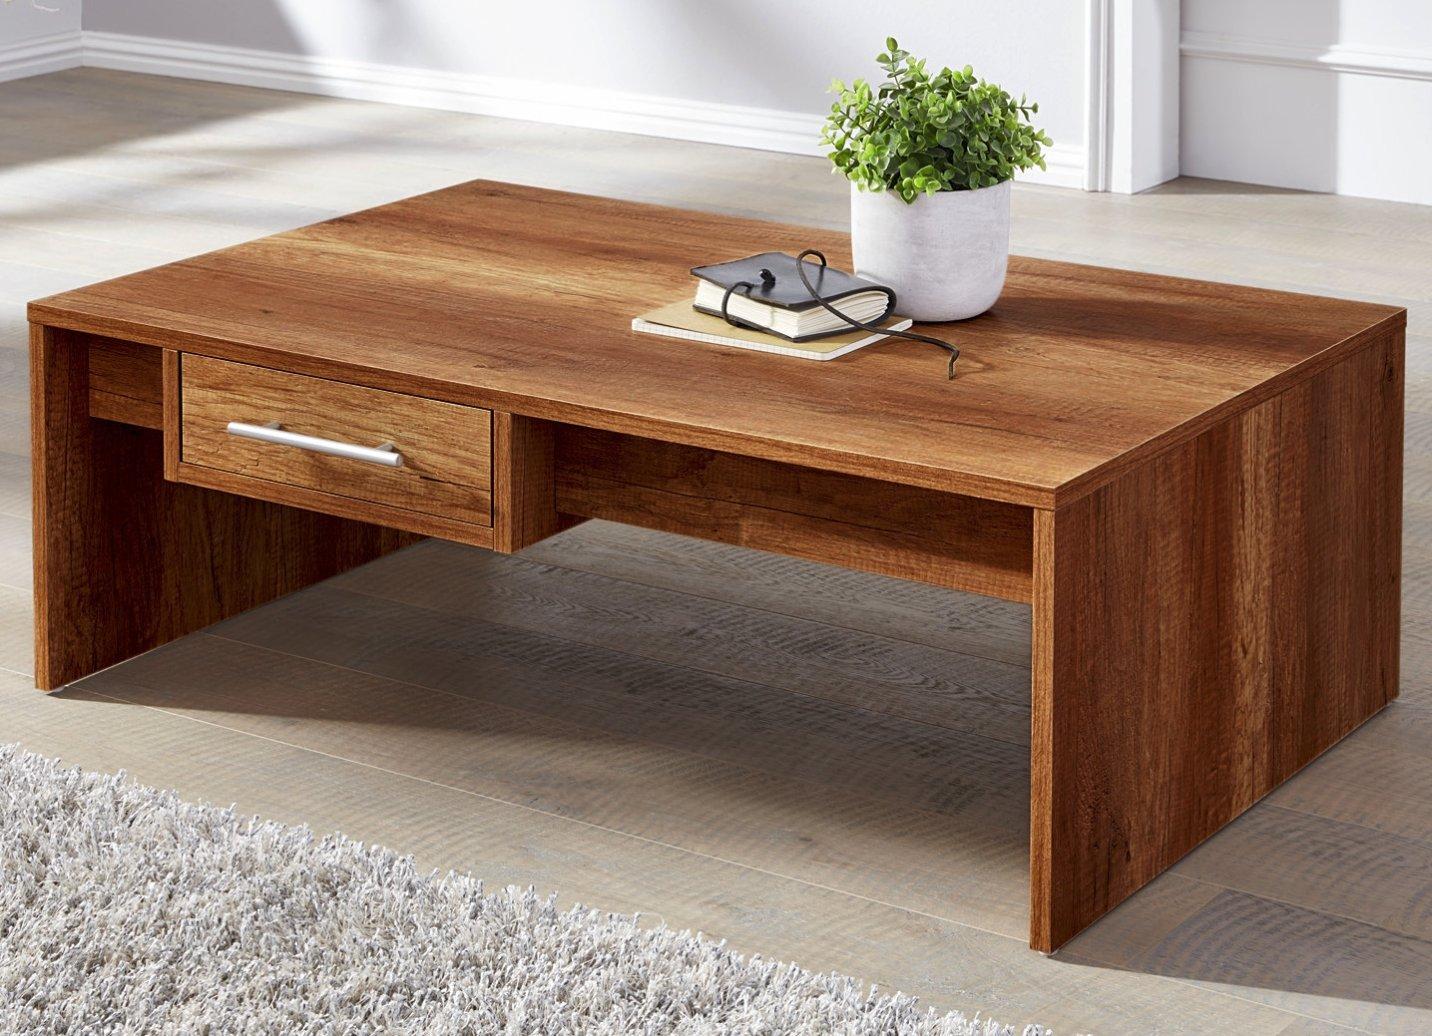 couchtisch nussbaum beistelltisch wohnzimmertisch 108x68x35 tisch. Black Bedroom Furniture Sets. Home Design Ideas